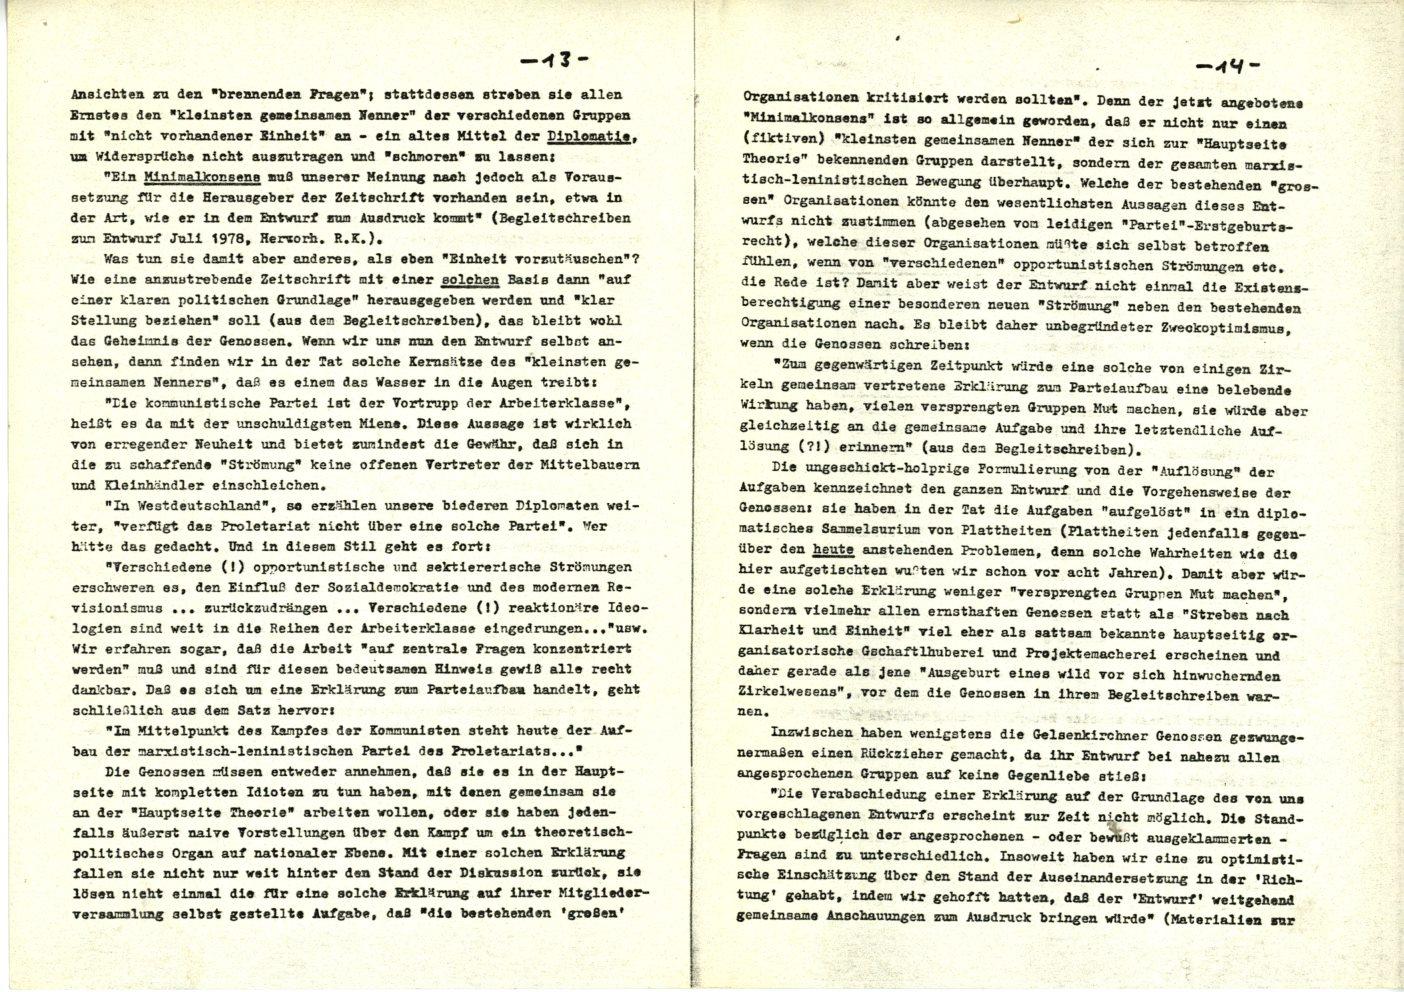 Nuernberg_Fuerth_Erlangen_ML_Diskussionsbeitraege_1978_01_08